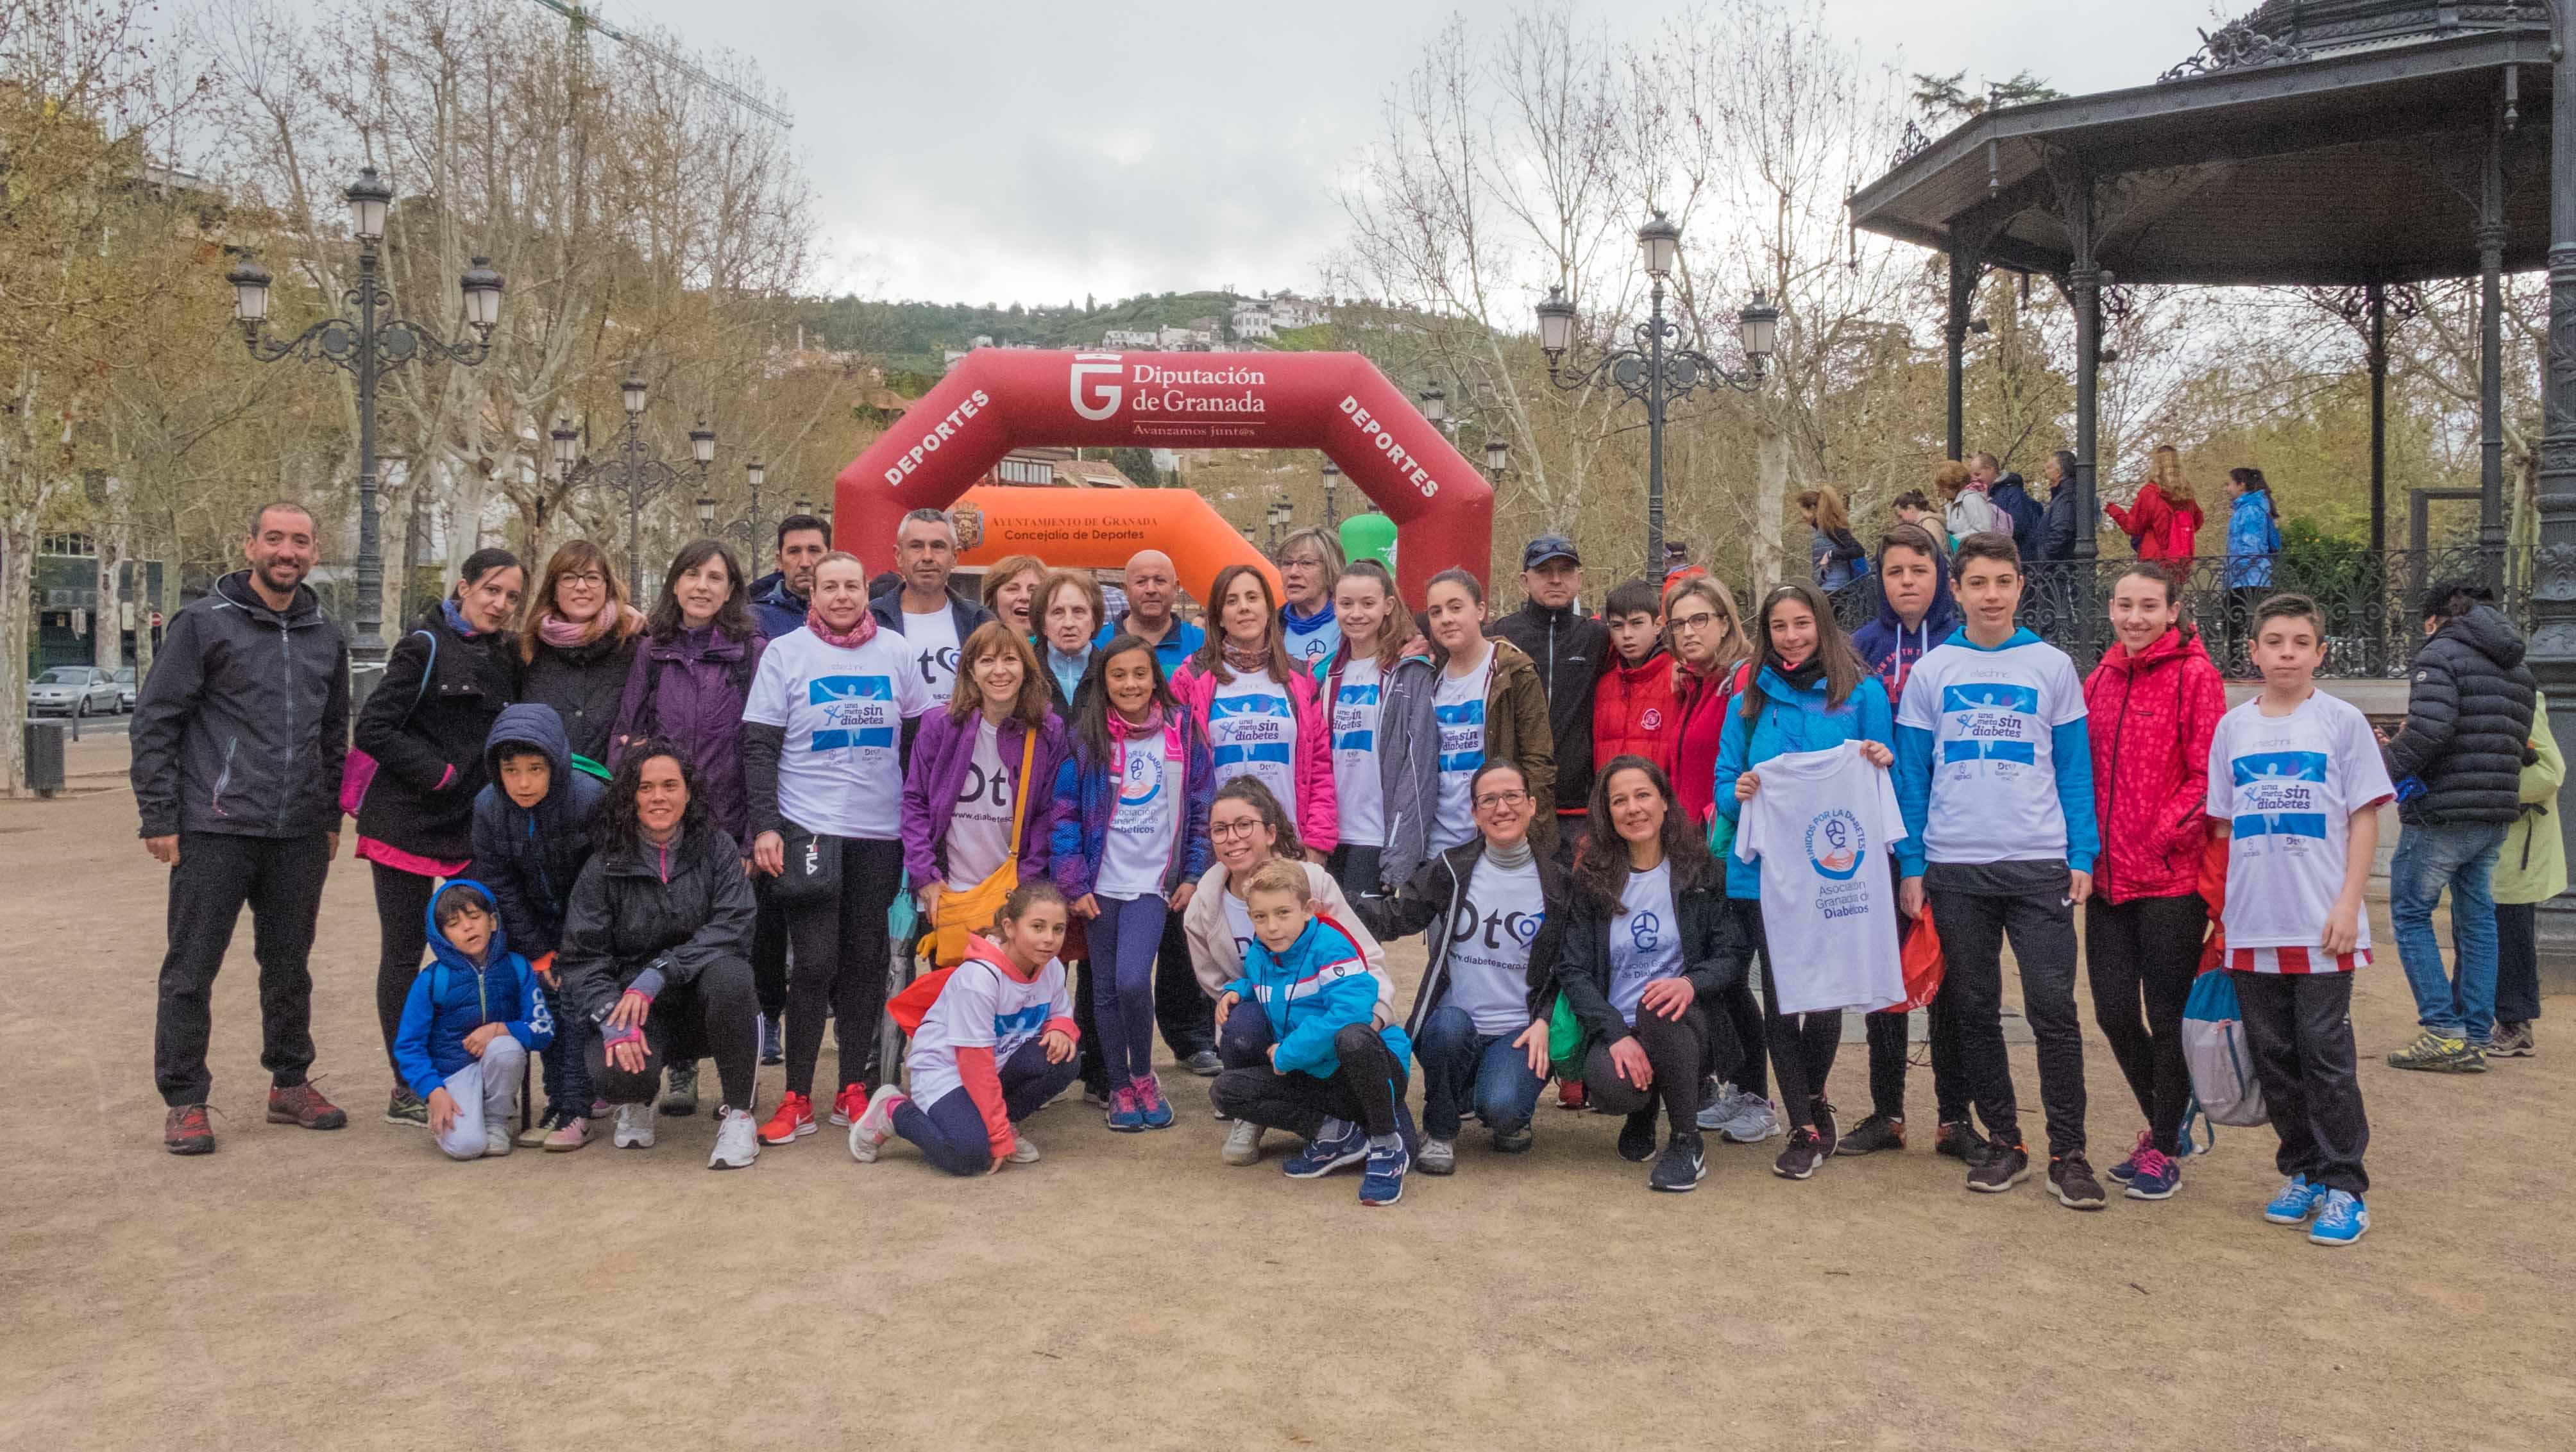 IV Caminata Saludable de Granada a favor de AGRADI y DiabetesCERO